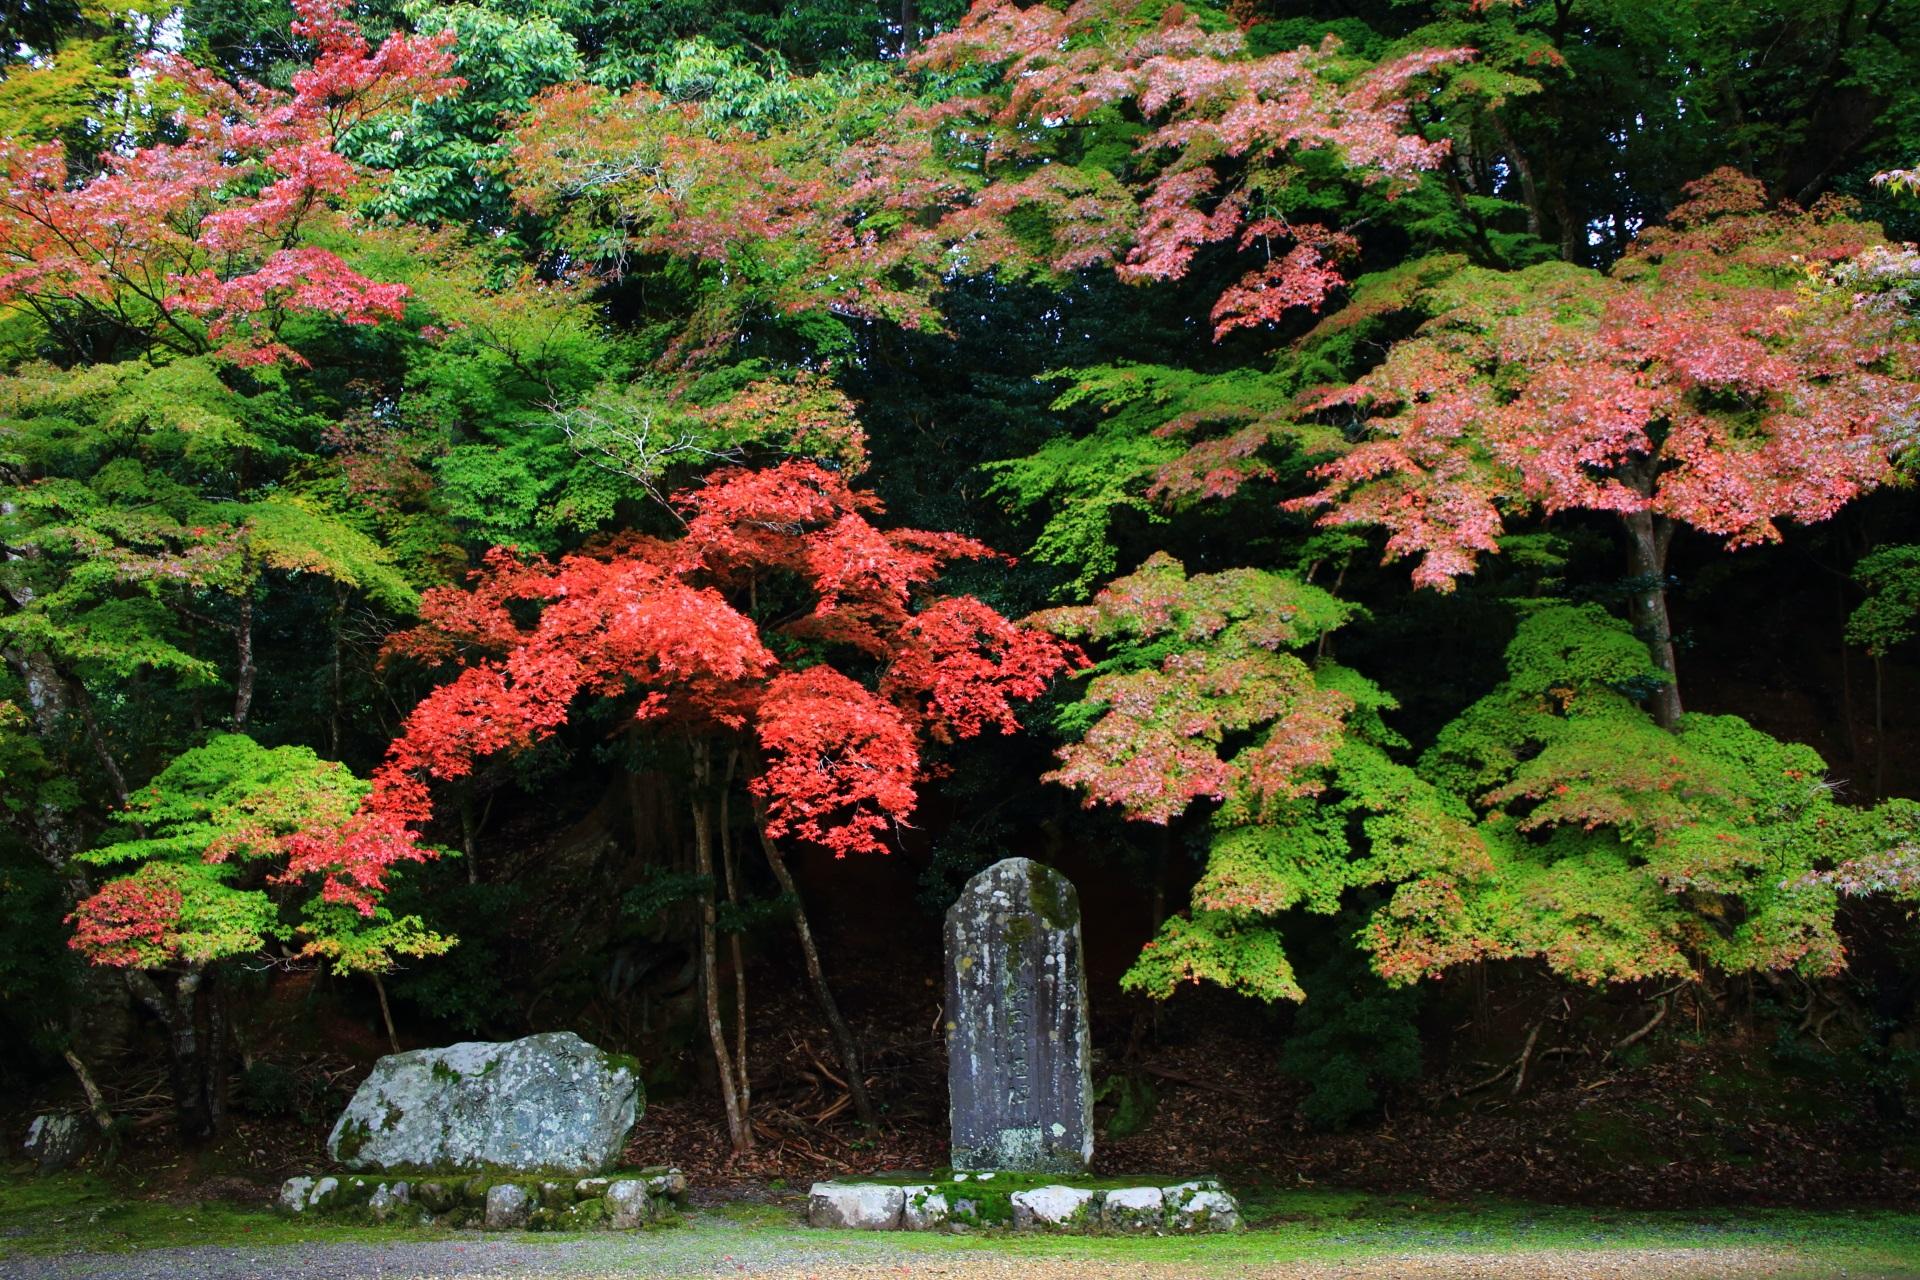 神護寺の能村登四郎句碑付近の紅葉